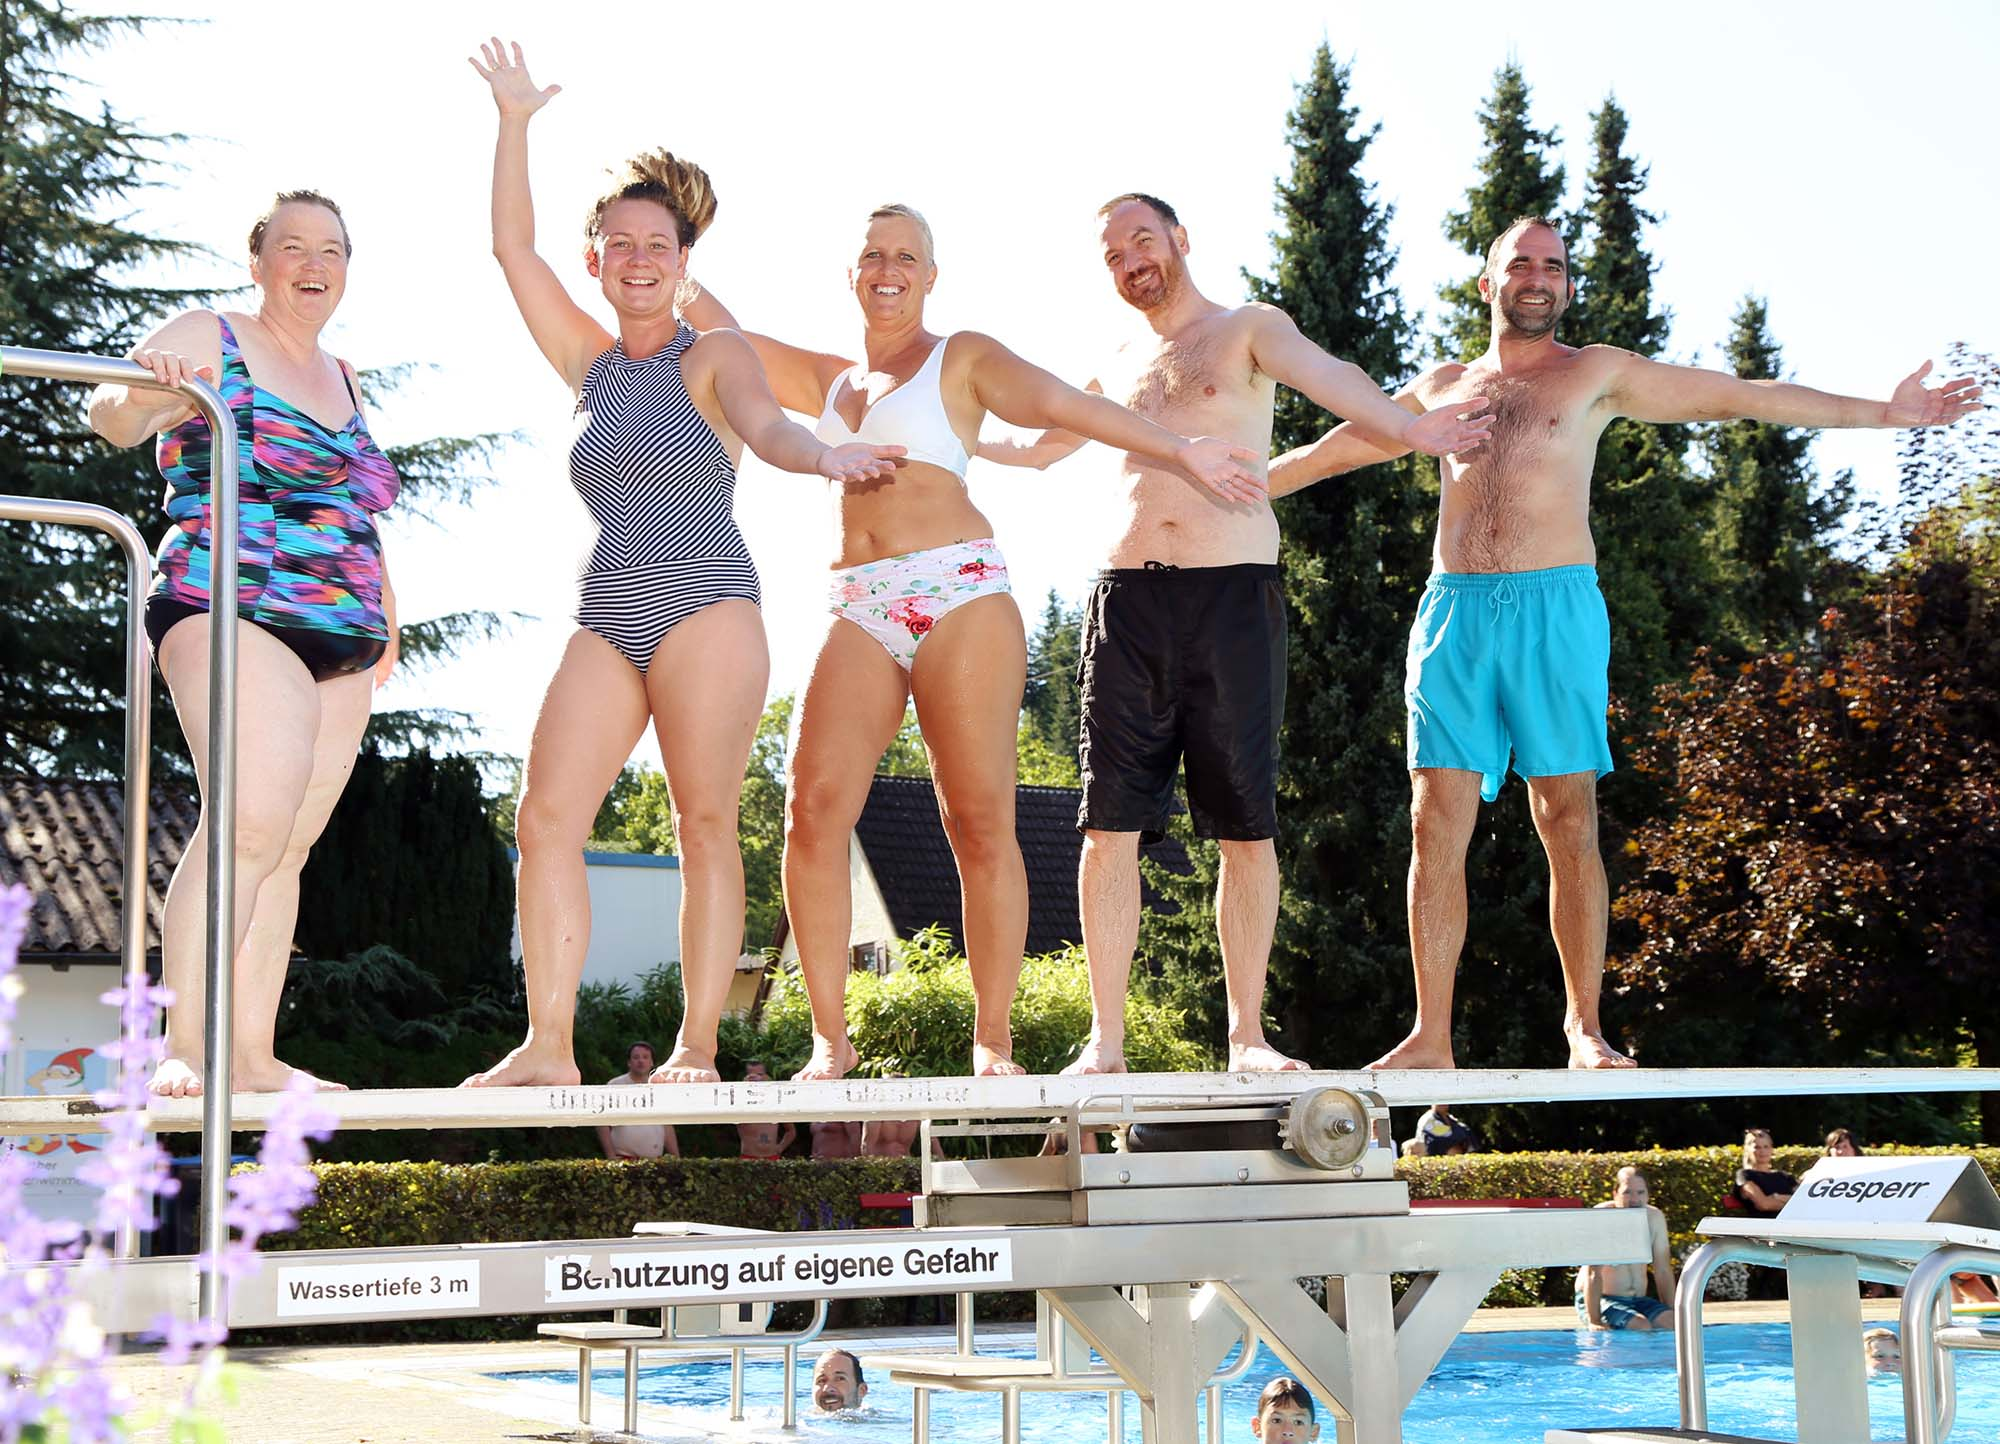 2021-9-15-OH-Anne-Kathrin Heizmann-Schwimmbadfest-Vorstandschaft freut sich über gelungene Badesaison